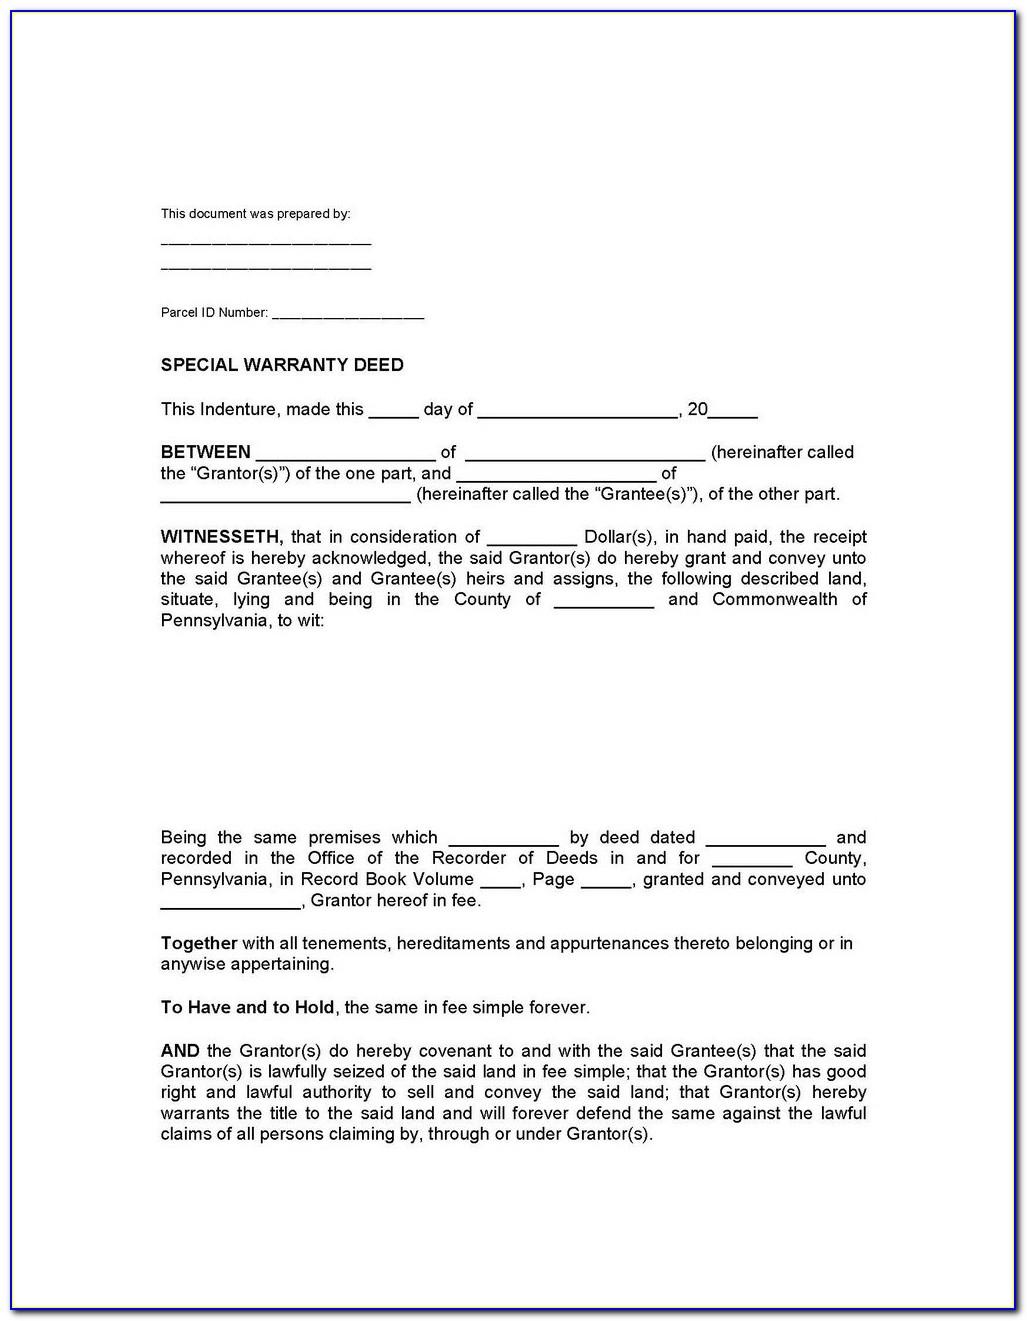 Texas Special Warranty Deed With Vendor's Lien Form